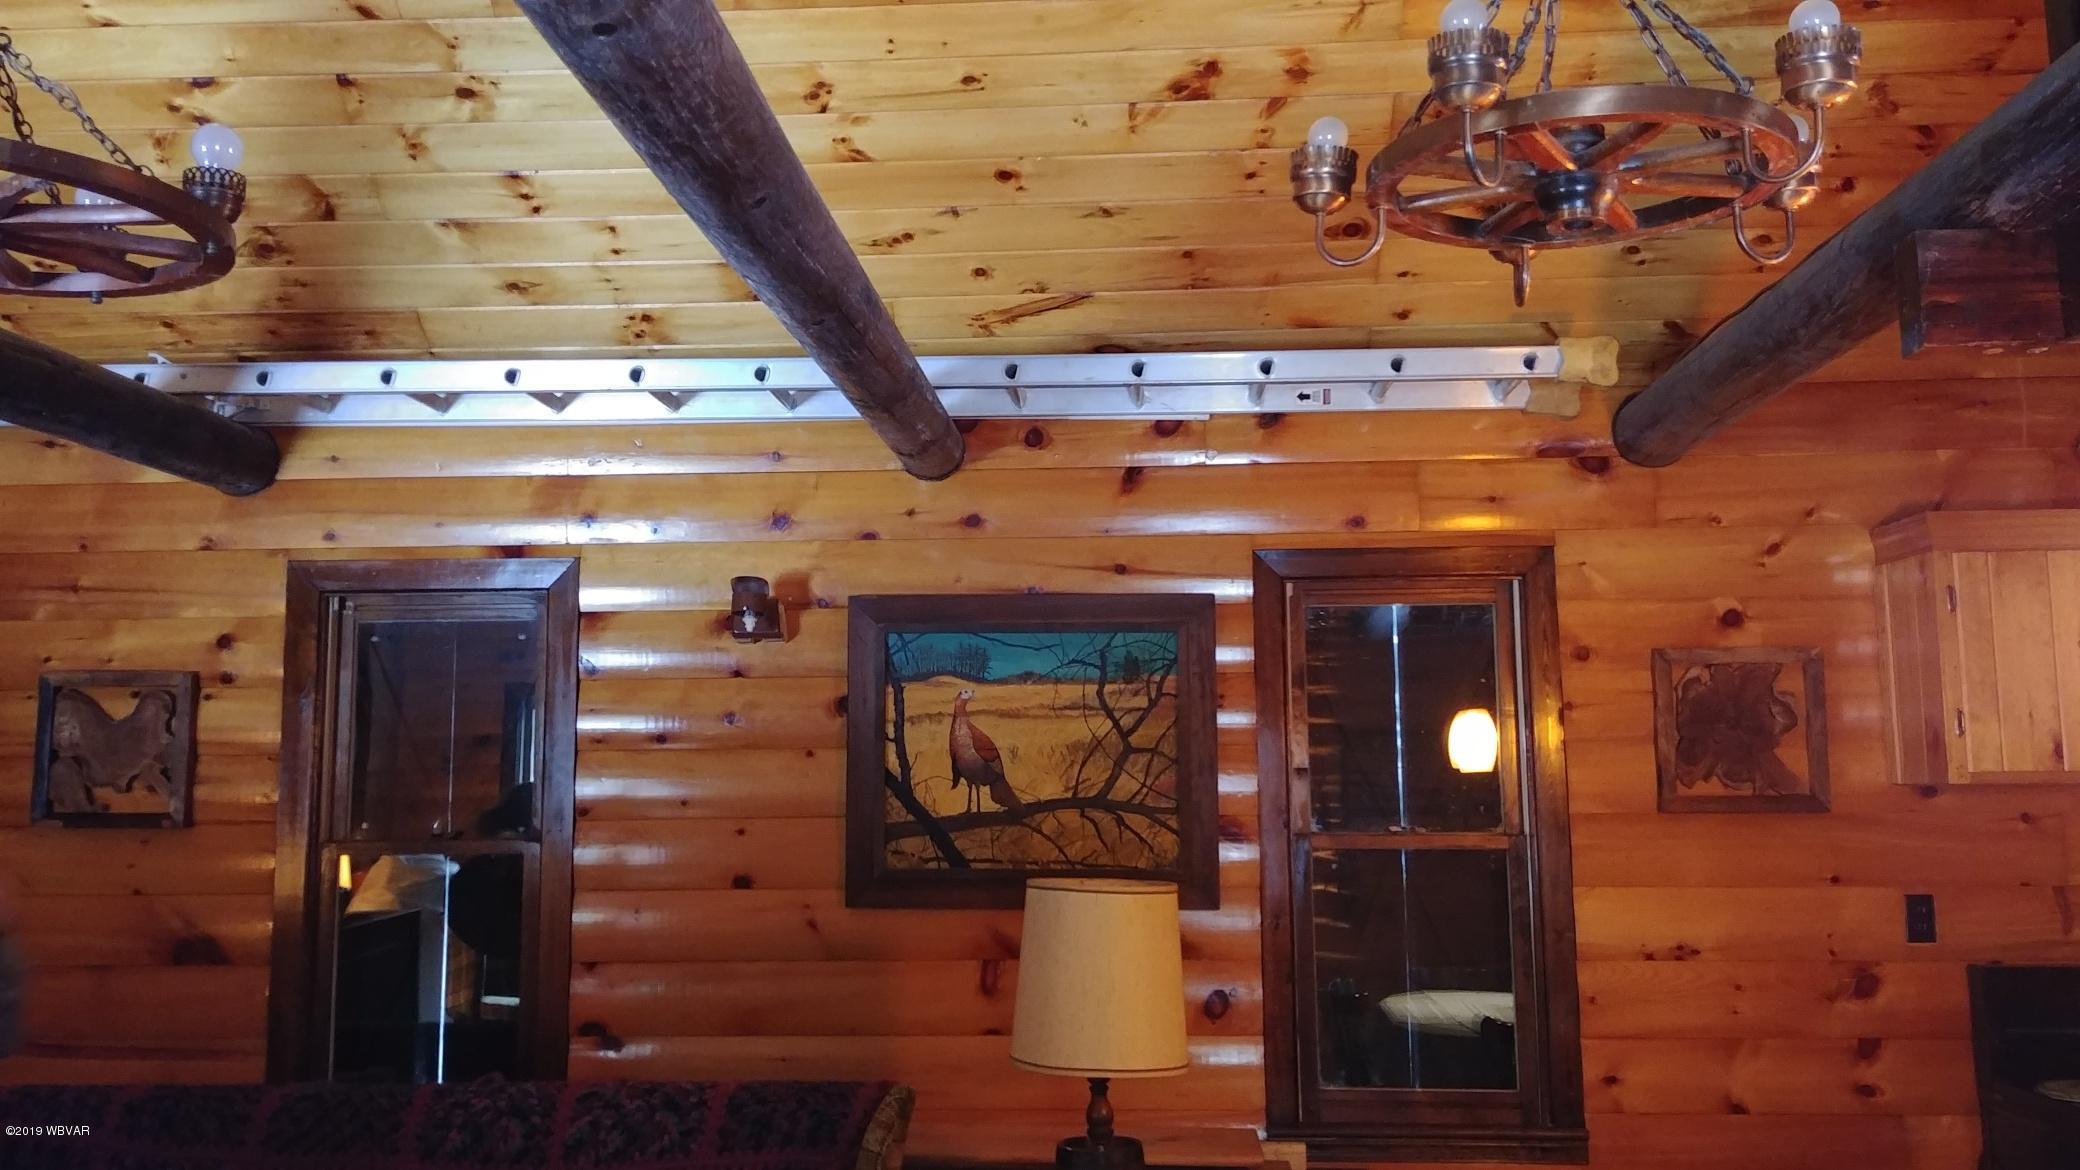 1 BEECH CREEK ROAD,Beech Creek,PA 16822,2 Bedrooms Bedrooms,1 BathroomBathrooms,Residential,BEECH CREEK,WB-87414